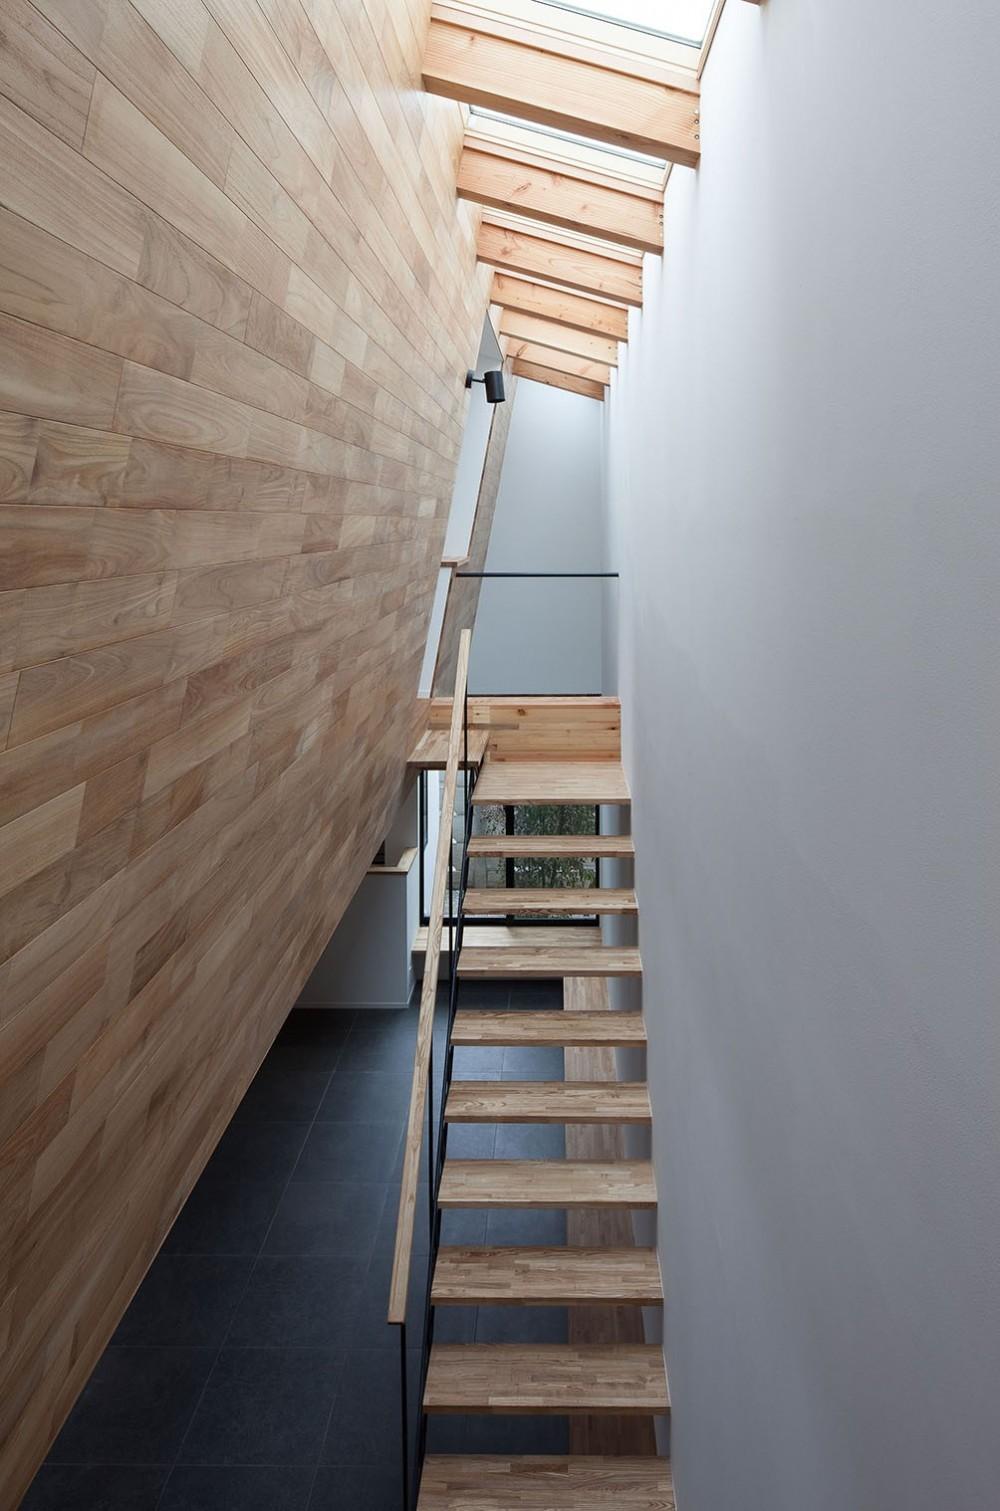 石壁の家 -内外の連続性をつくりだす石壁- (天窓のある吹抜を上る階段)